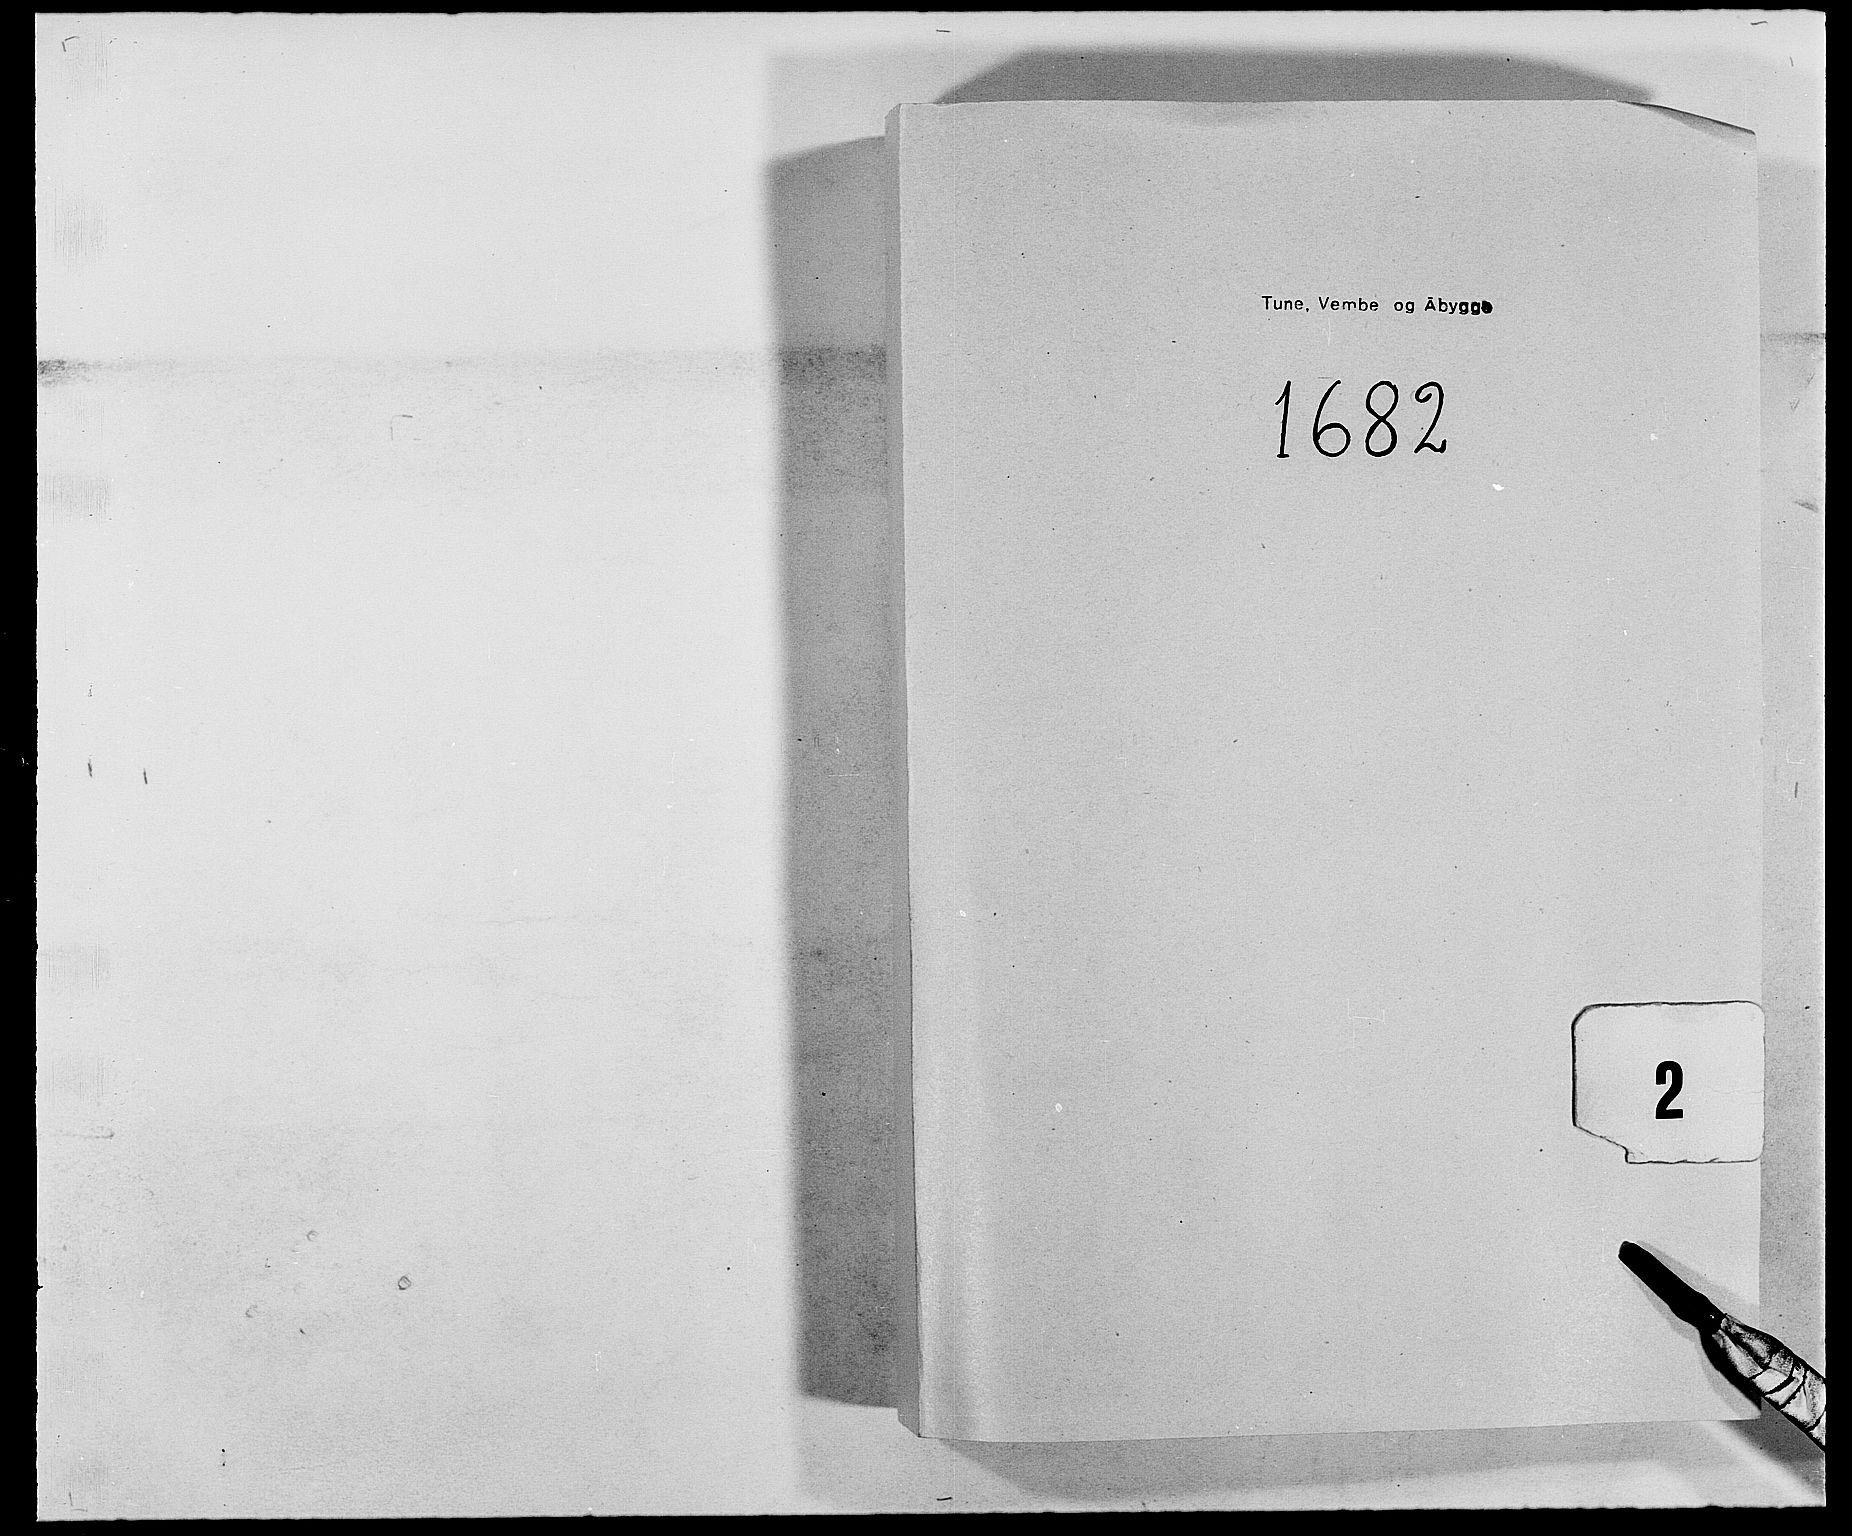 RA, Rentekammeret inntil 1814, Reviderte regnskaper, Fogderegnskap, R03/L0114: Fogderegnskap Onsøy, Tune, Veme og Åbygge fogderi, 1678-1683, s. 164